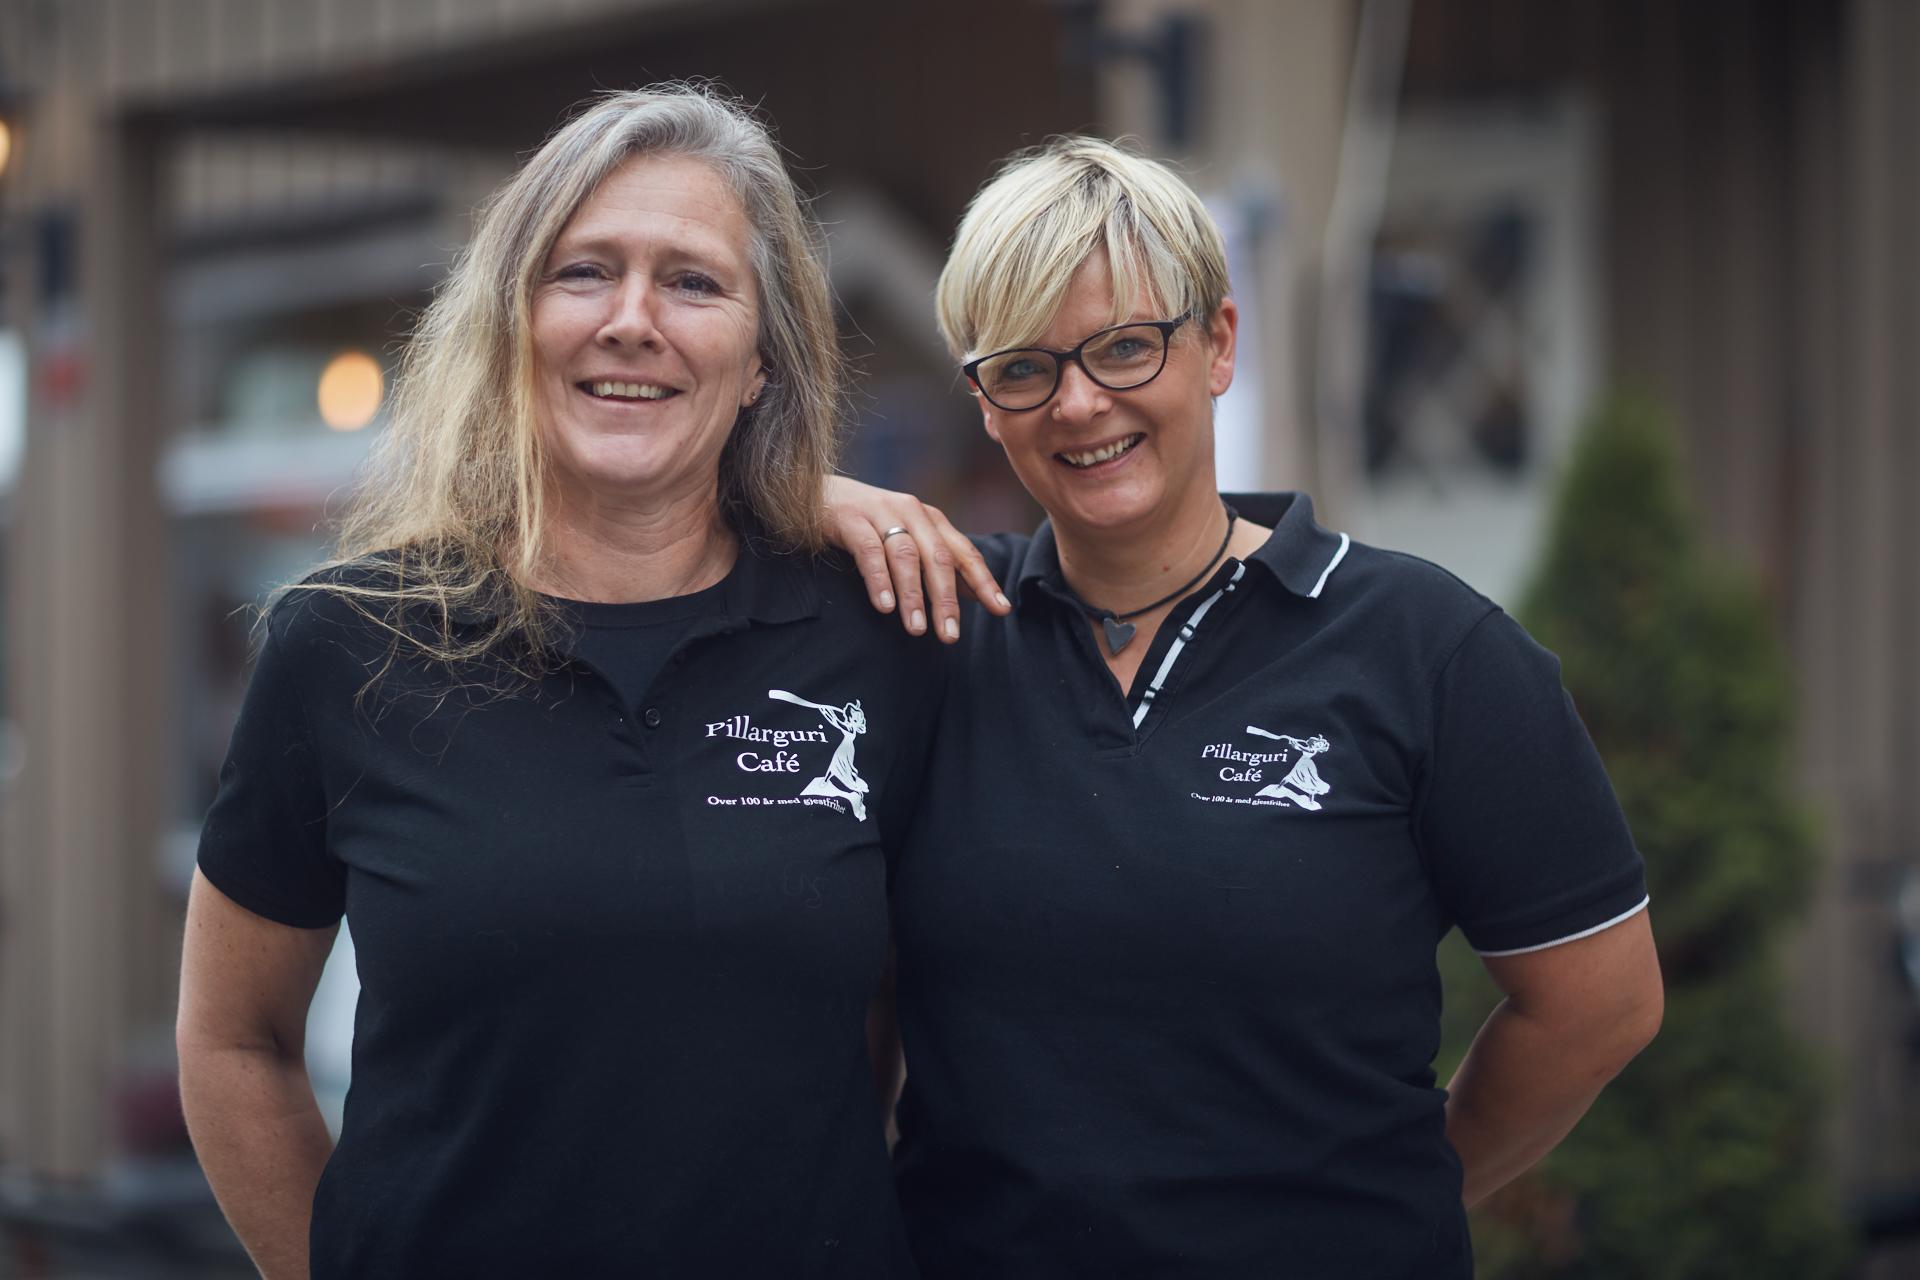 Sissel og Marianne driver Pillarguri Café